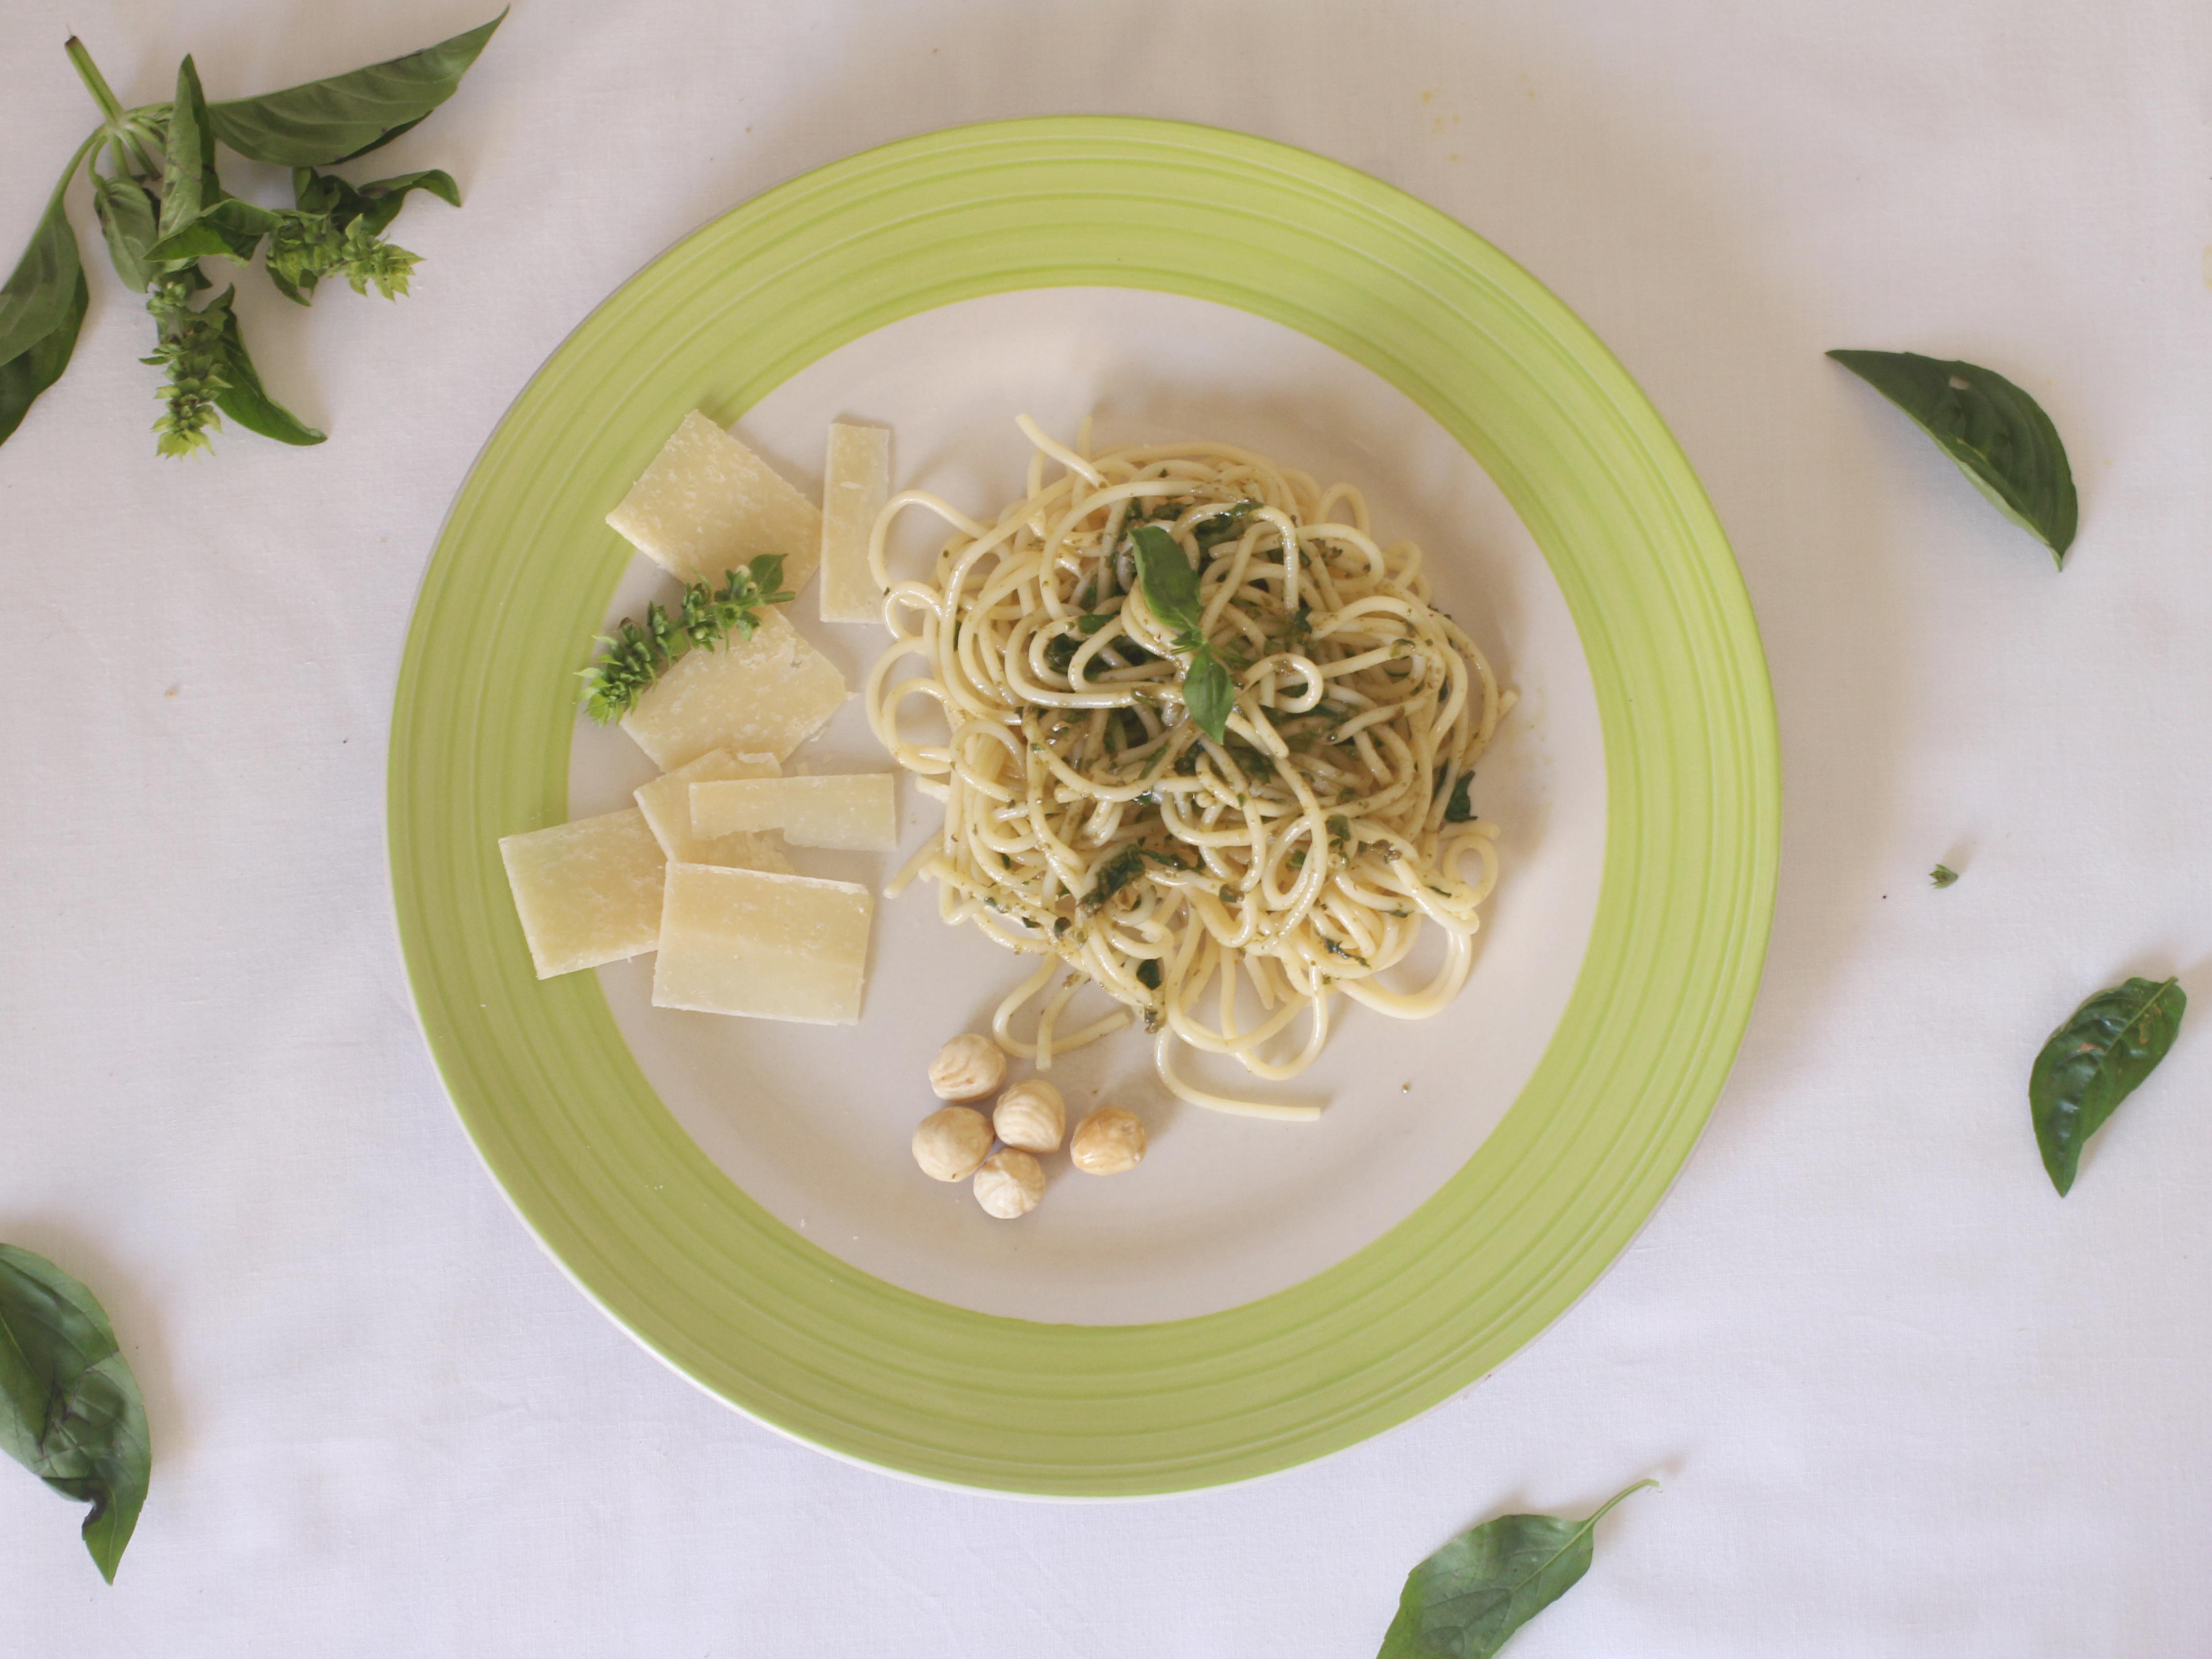 Receta de espagueti al pesto de albahaca y piñones